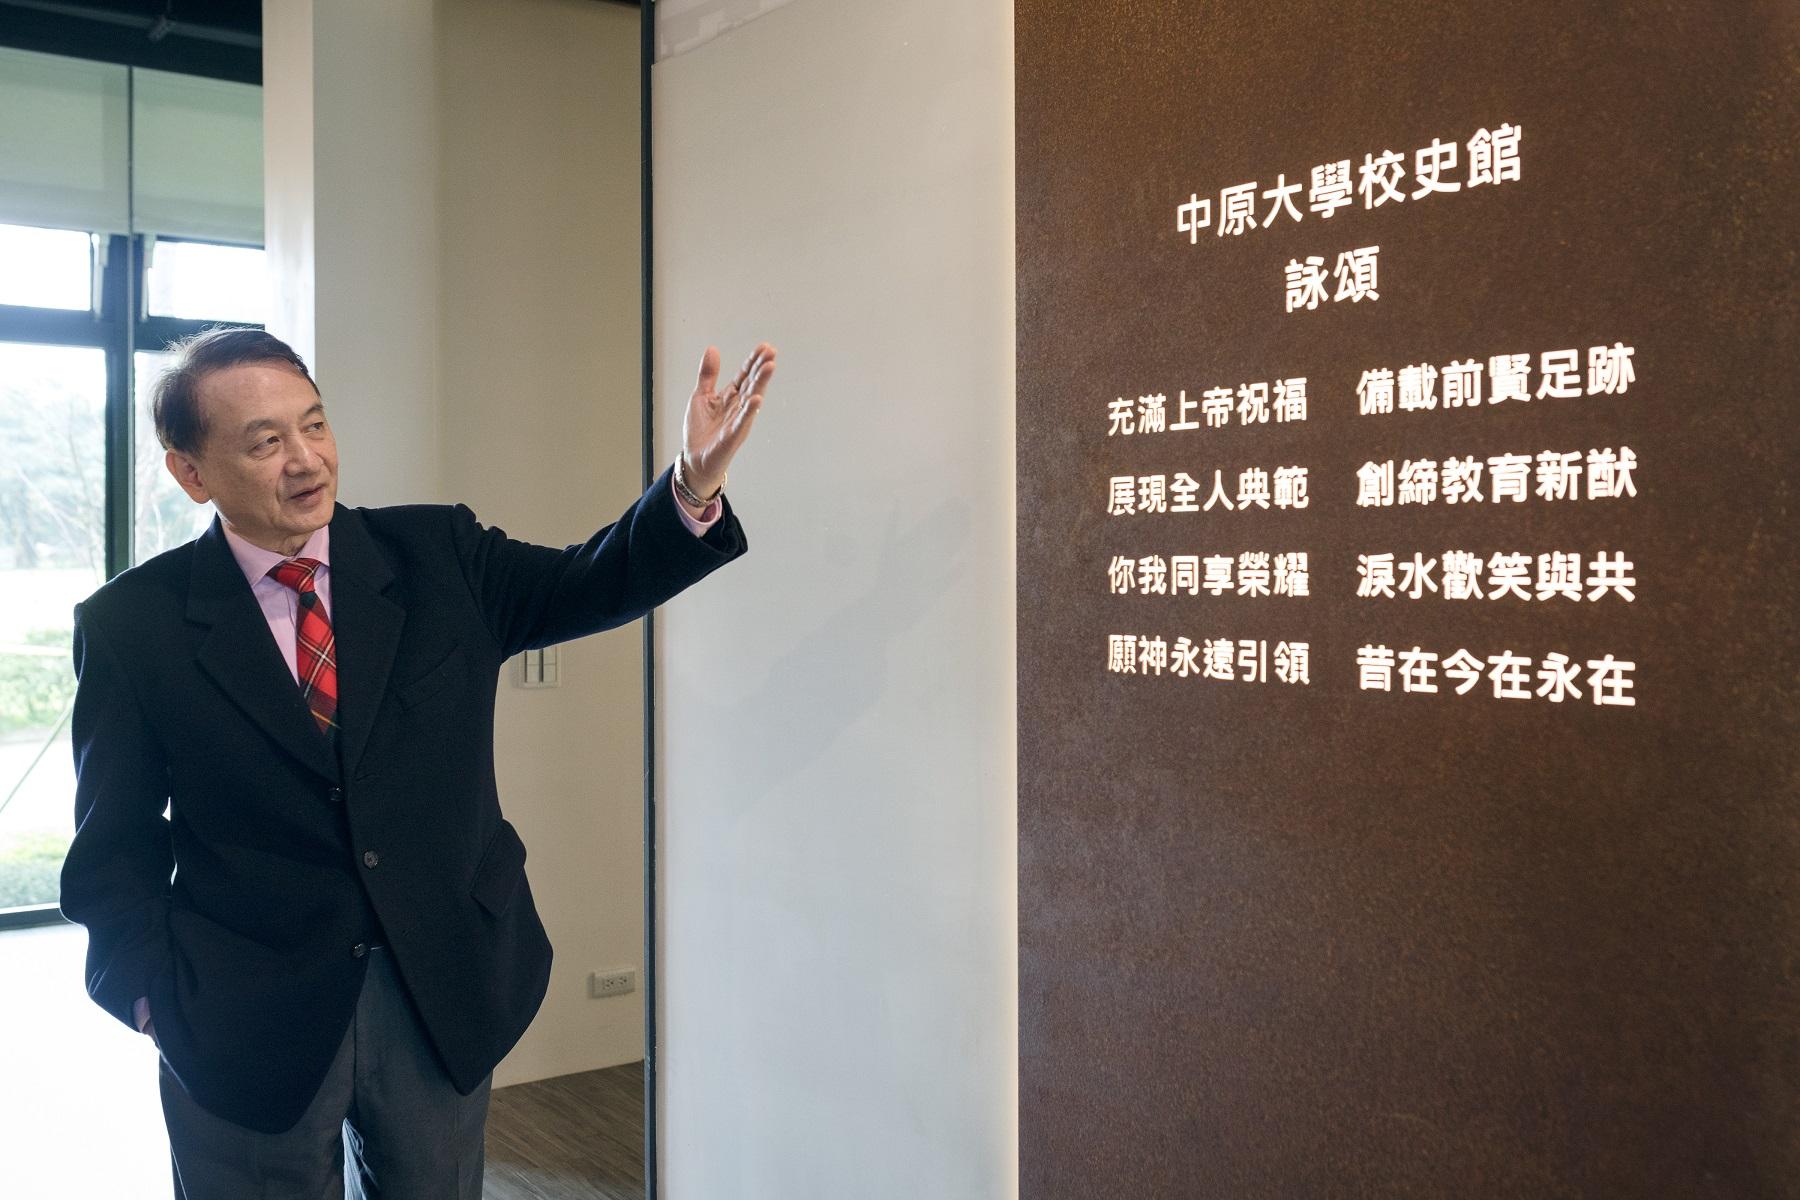 通稿照片-中原大學校長張光正認為,中原校史館以「亦圓亦方」的處世哲學,是全人教育的核心精神的具體展現。.jpg